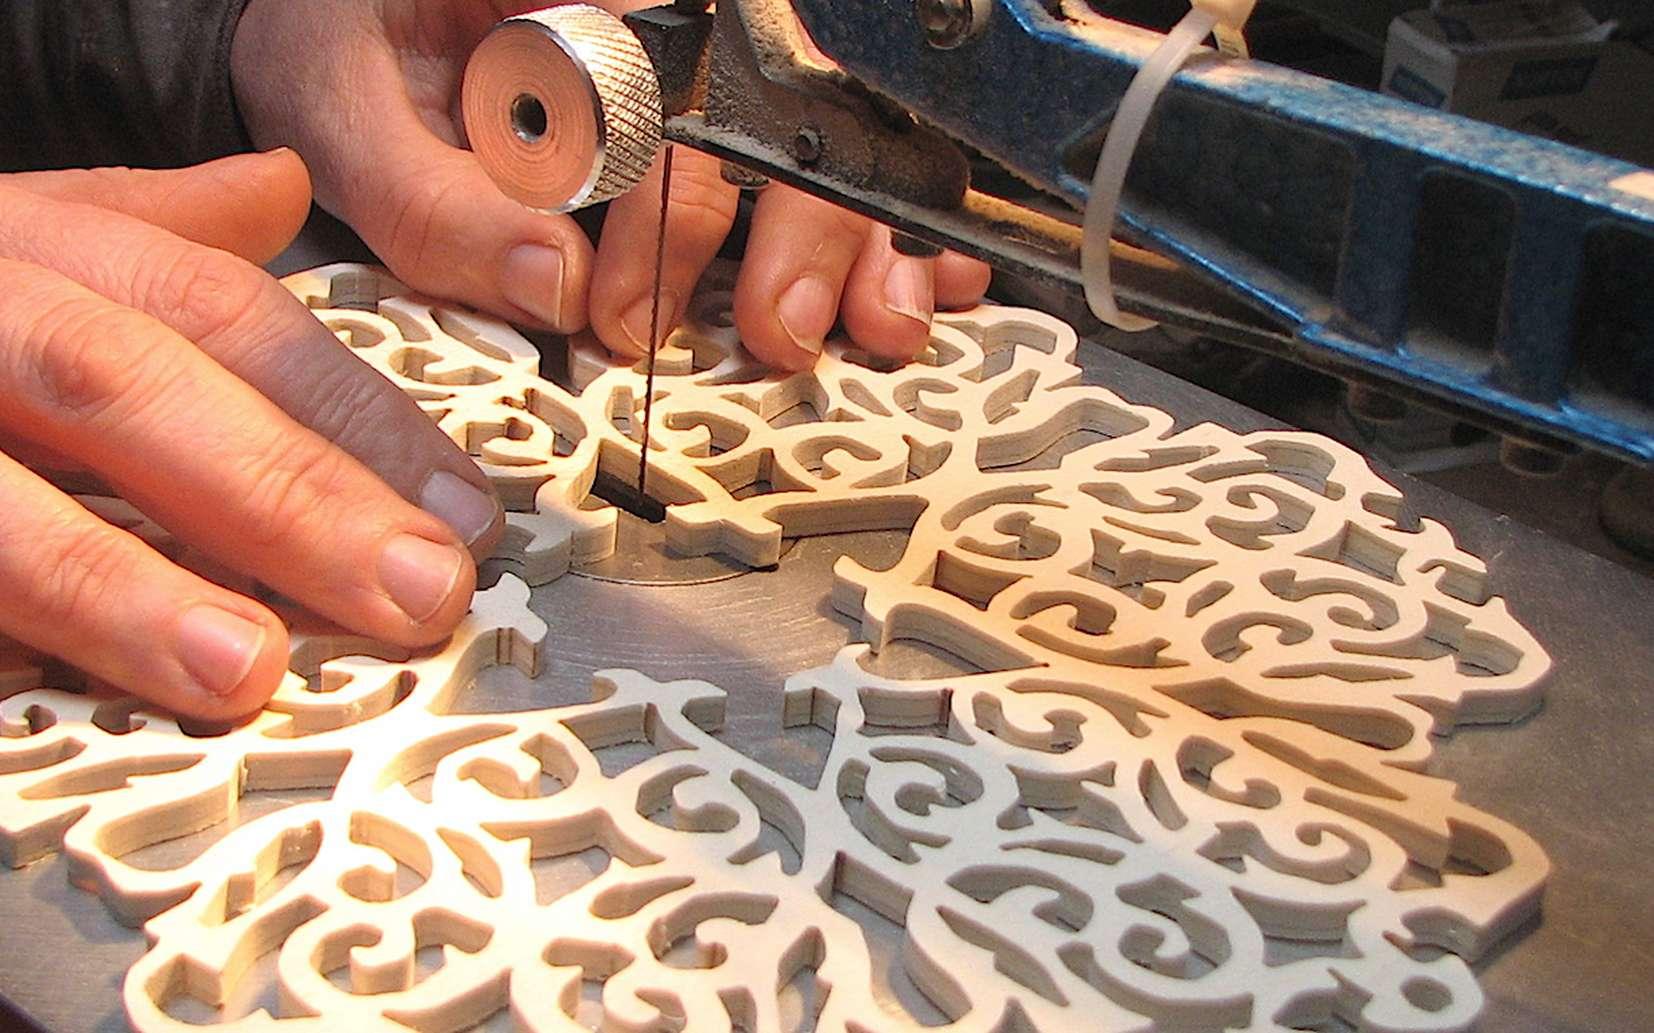 Le chantournage consiste à réaliser des découpes sinueuses dans différents matériaux comme le bois, le carton, le métal, la pierre ou le plastique. © L'Atelier Bois